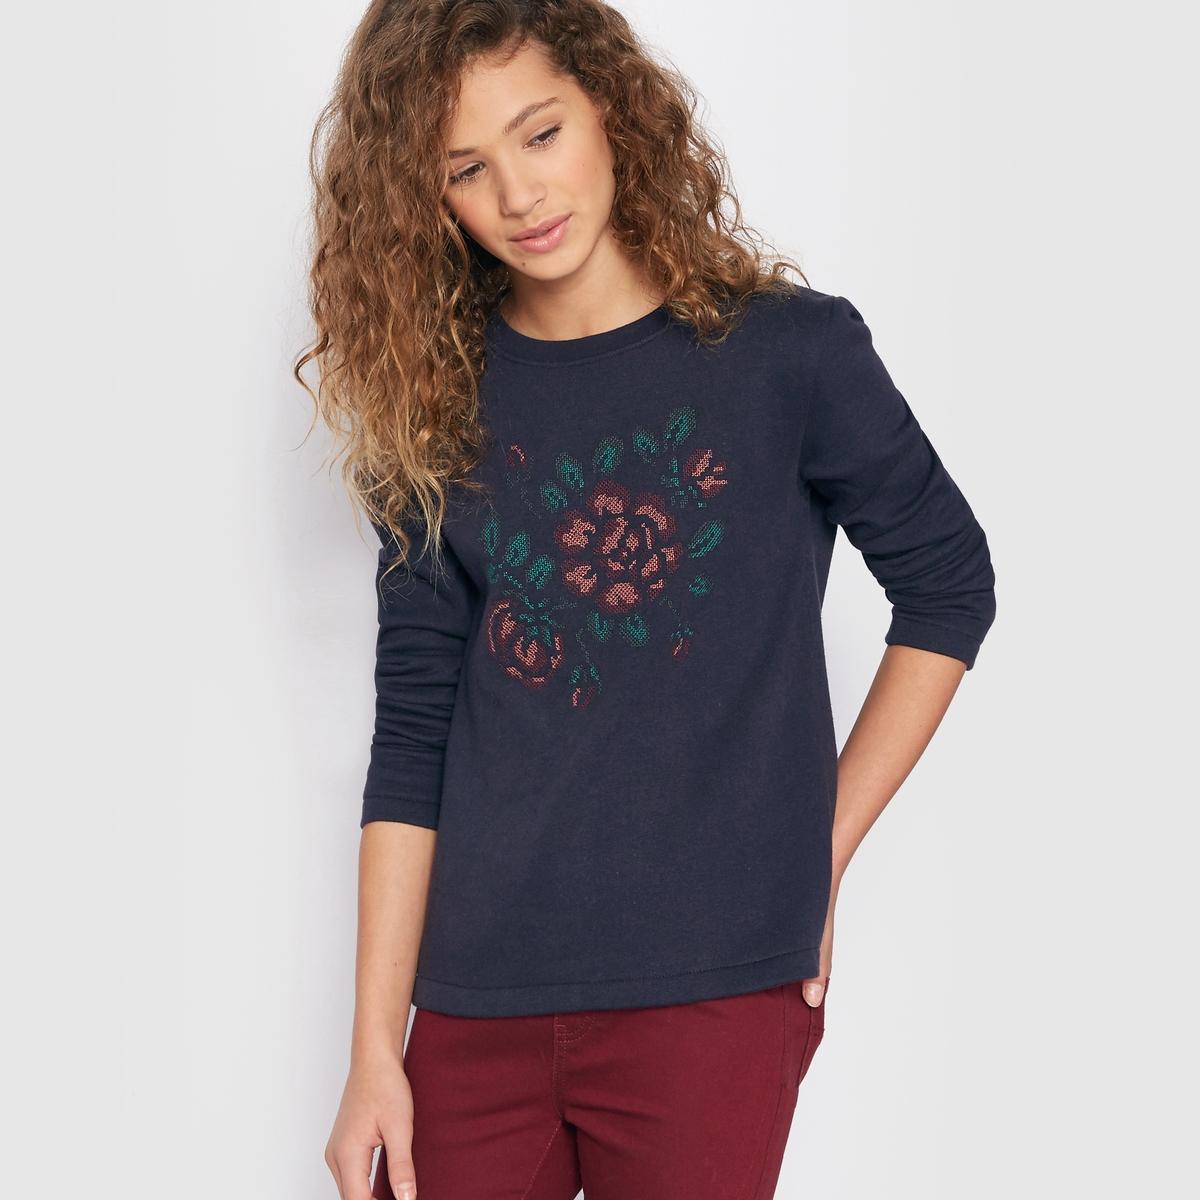 Пуловер с вырезом трапеция и вышивкой в виде цветов, 10-16 лет